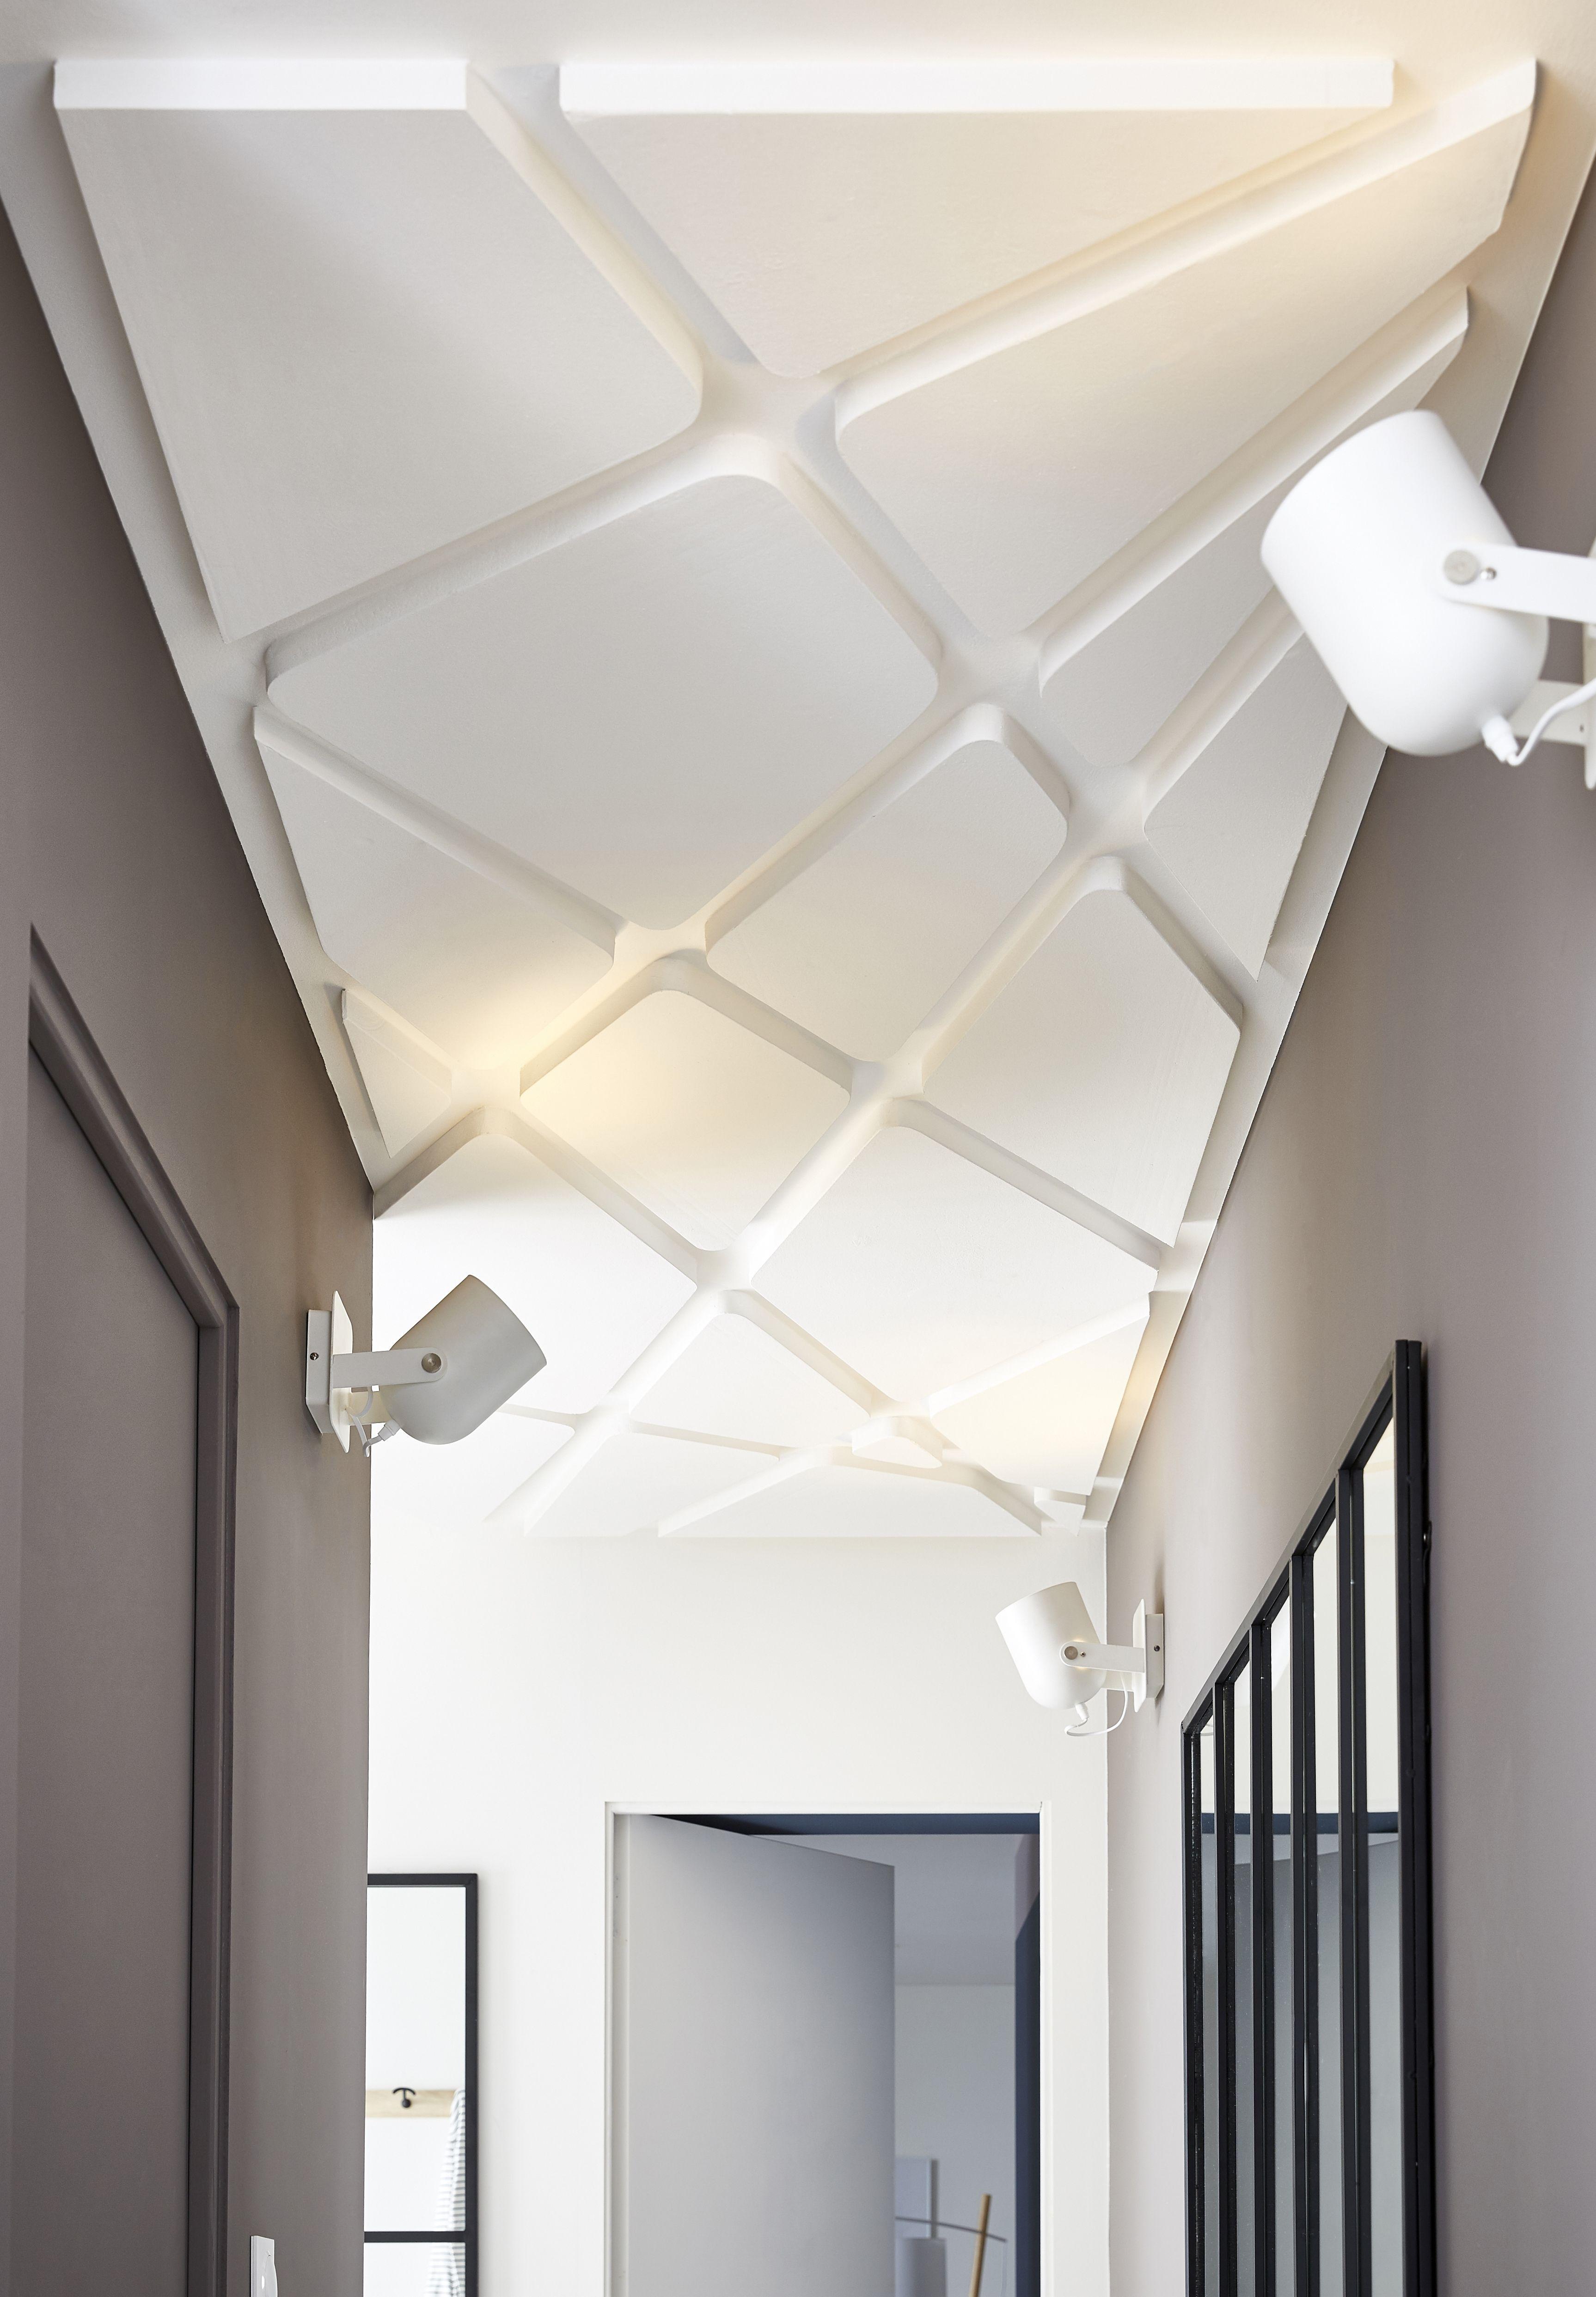 Peu Exploite Le Plafond Peut Pourtant Devenir Le Point Fort De La Decoration Installation Coloree House Ceiling Design Ceiling Design Bedroom Ceiling Design